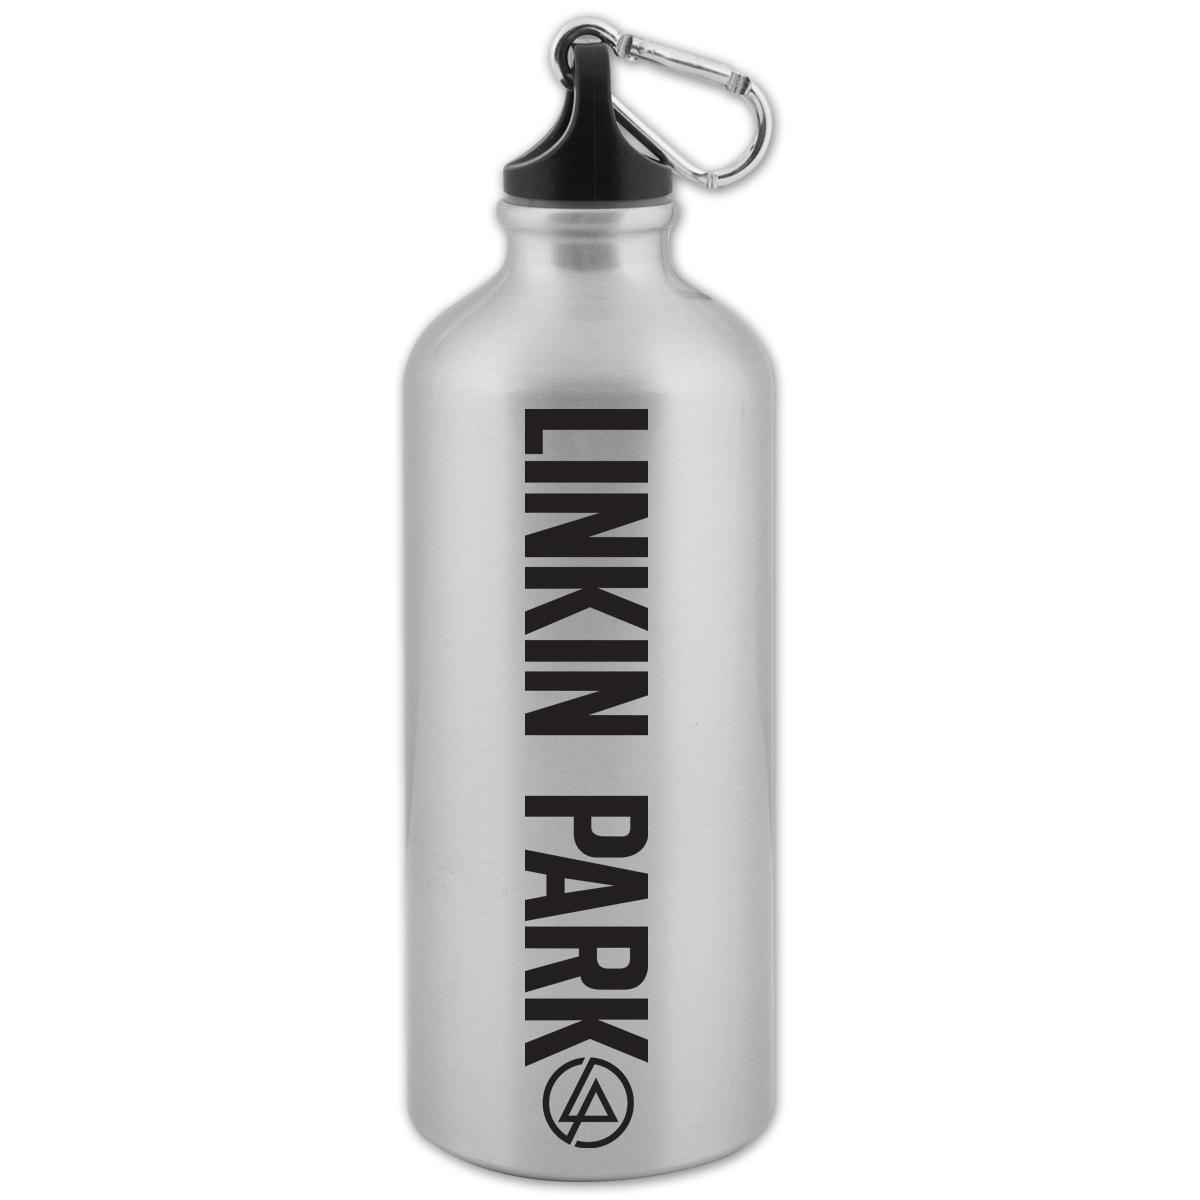 Linkin Park Water Bottle